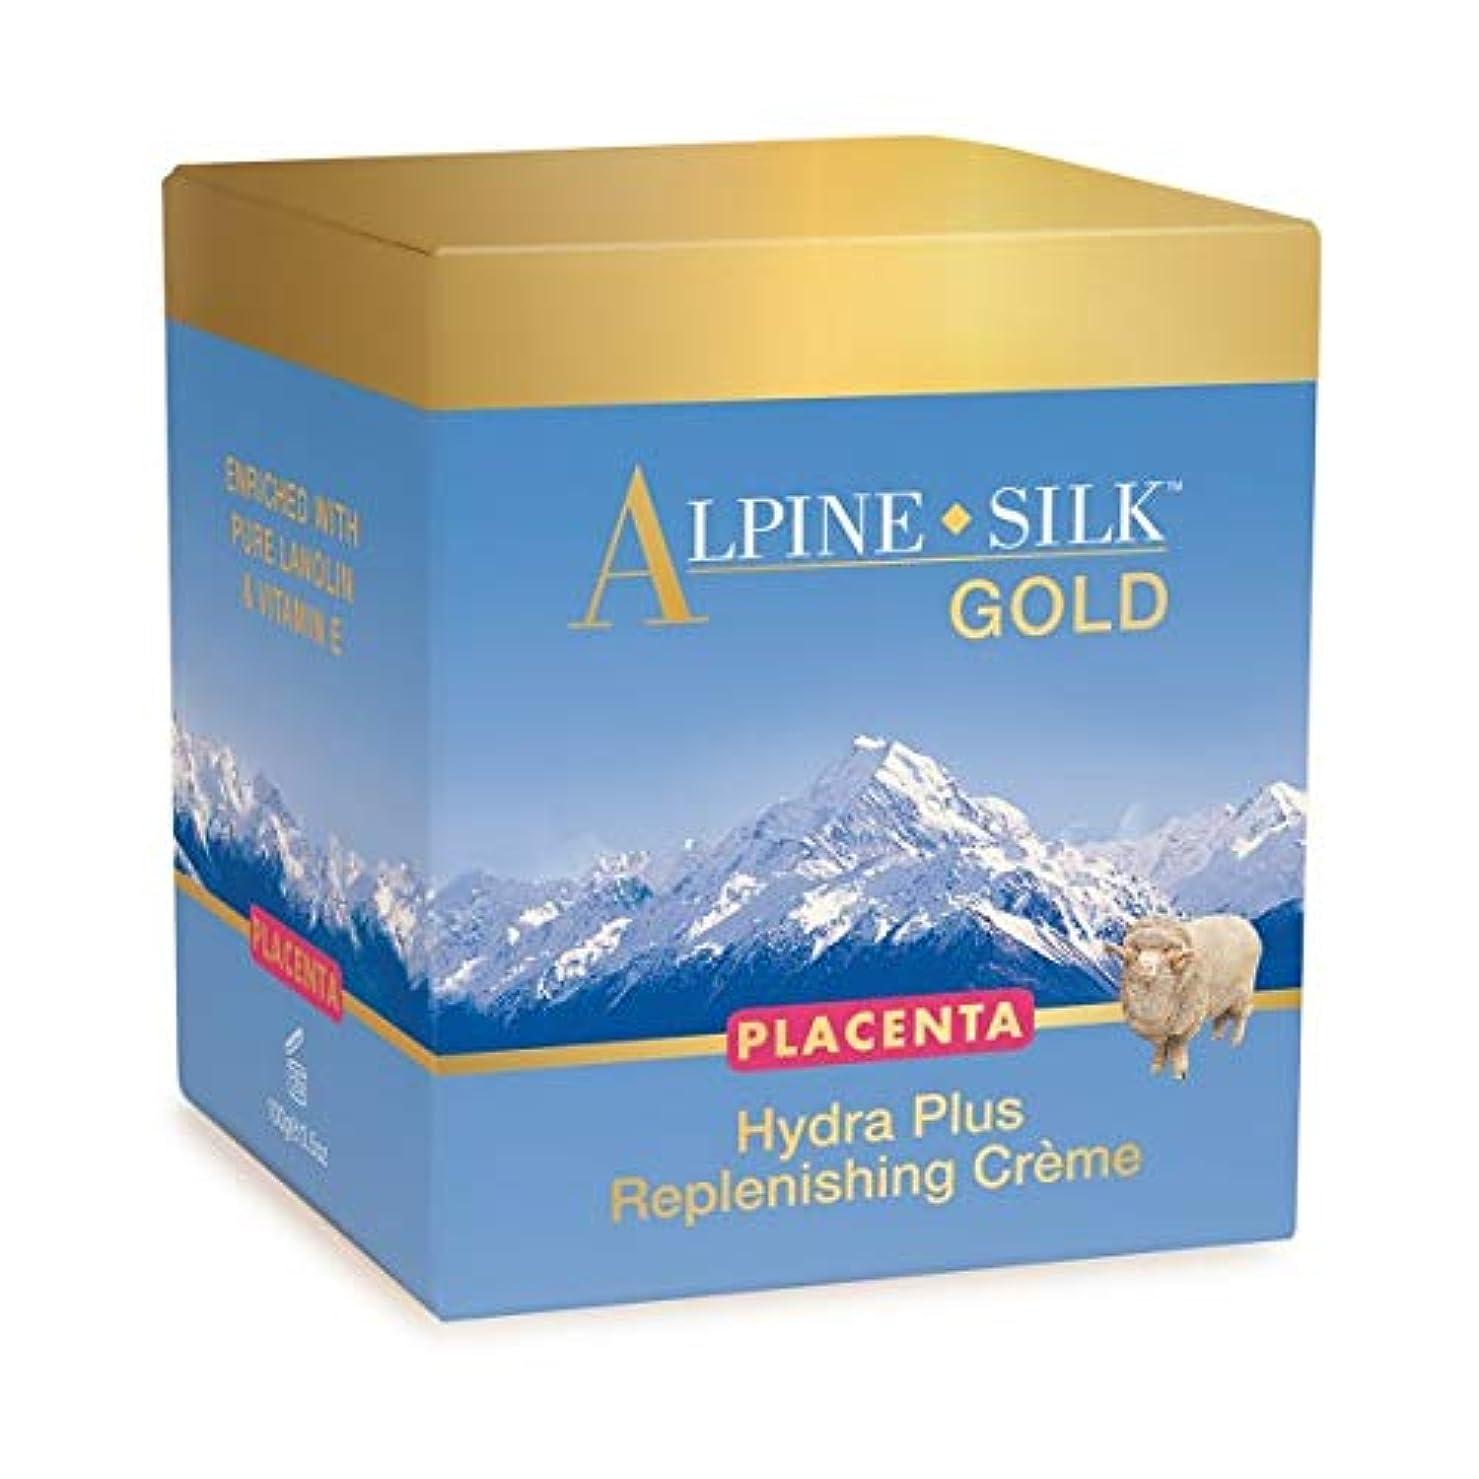 製作薄める歴史的プラセンタ モイスチャークリーム アルパインシルク ゴールド 海外直送品